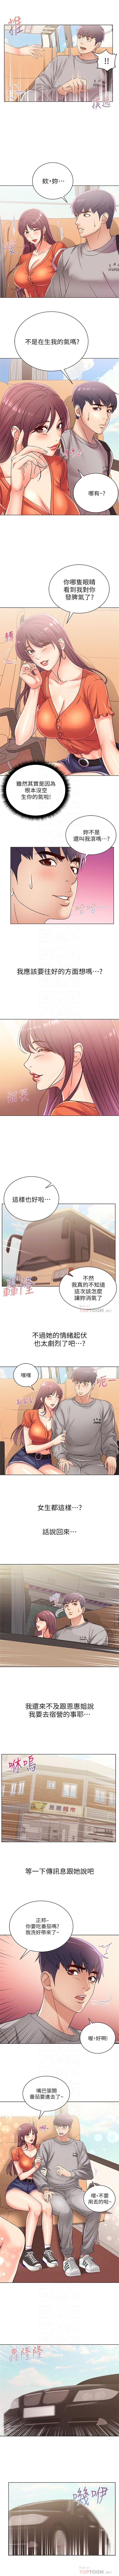 超市的漂亮姐姐 1-27 官方中文(連載中) 158